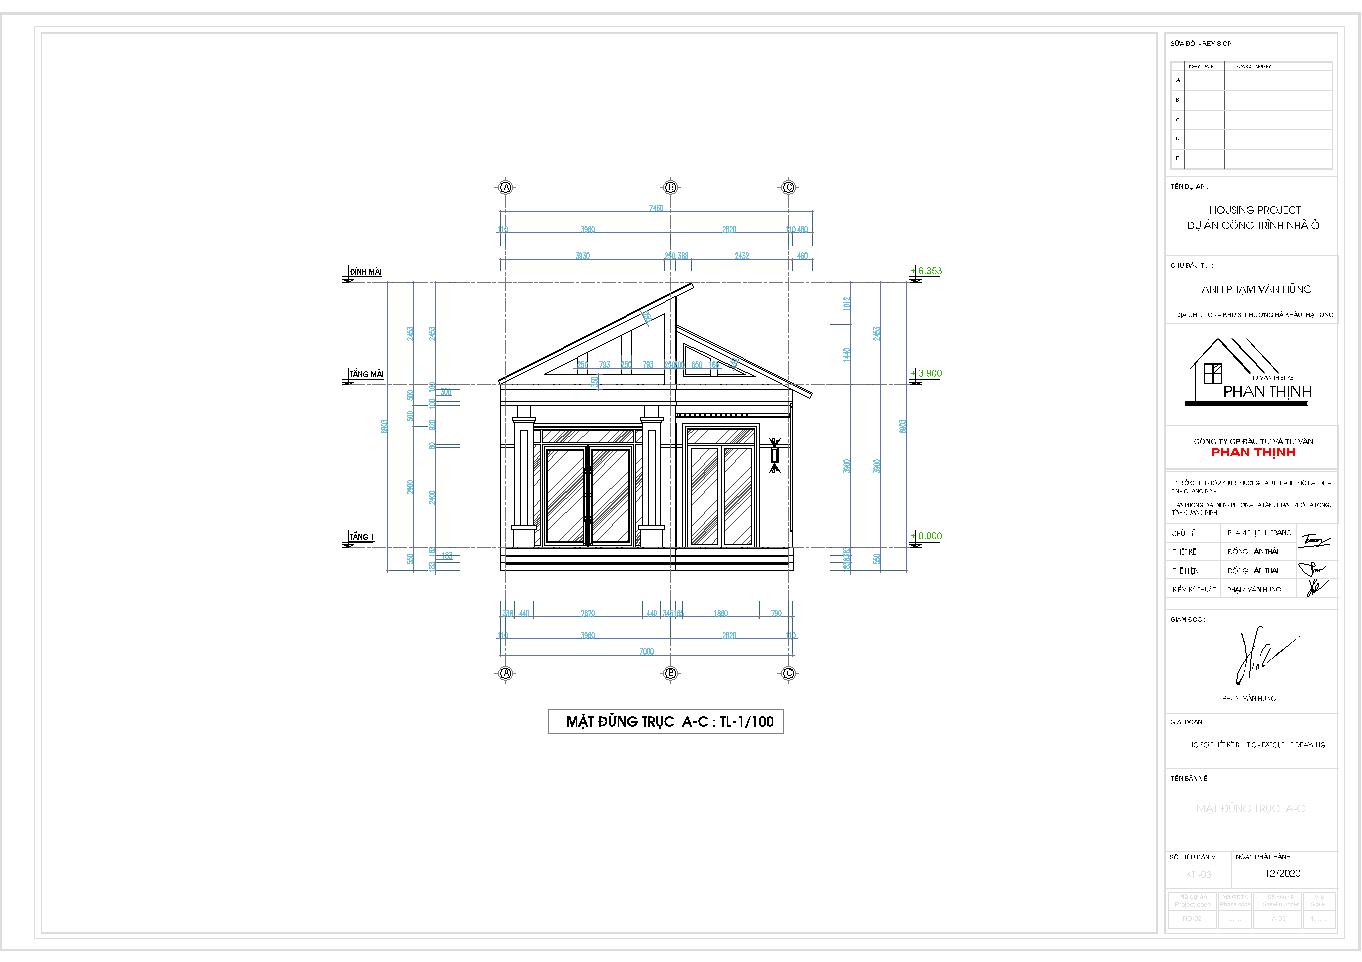 Mặt đứng trục A-C của ngôi nhà